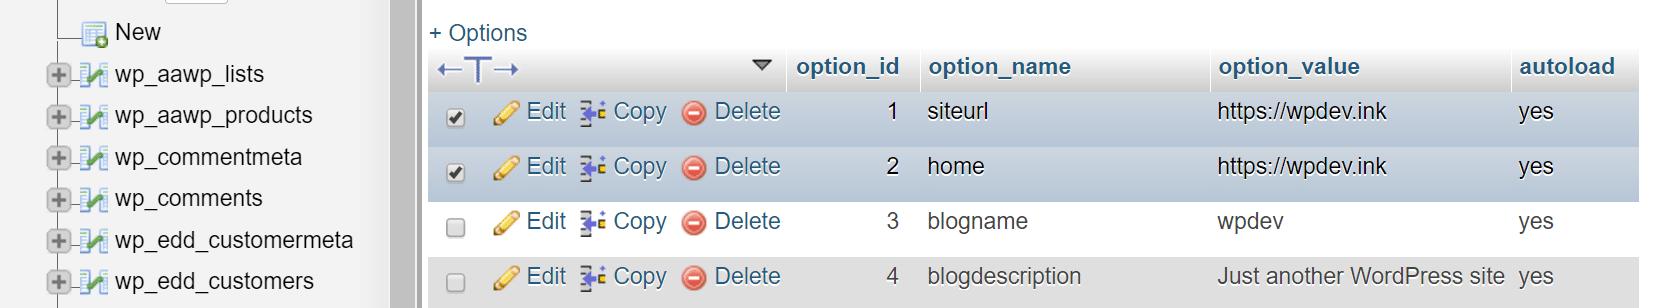 Siteurl und Home-Zeilen in der WordPress-Database